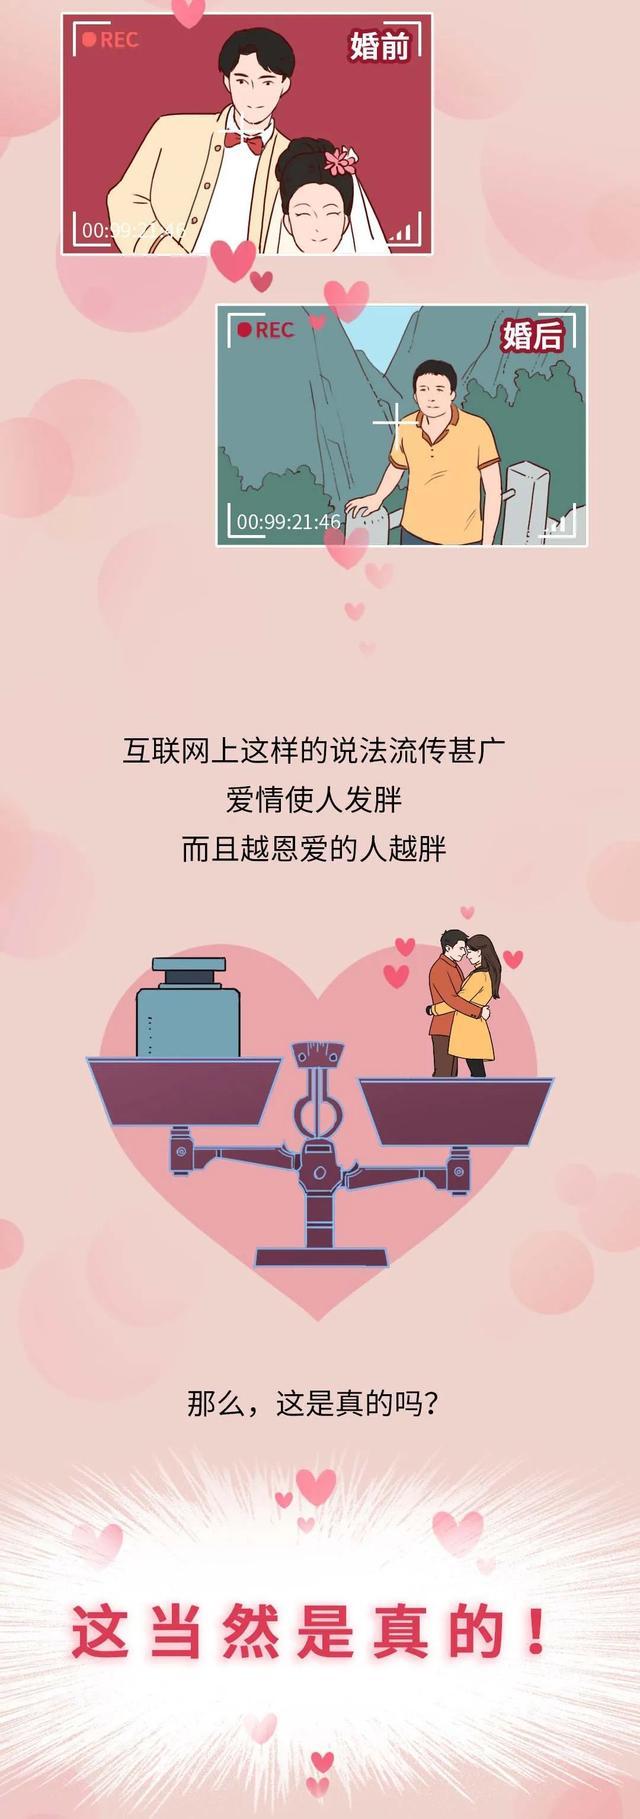 樂活丨談戀愛真的會讓人變胖嗎?-圖2